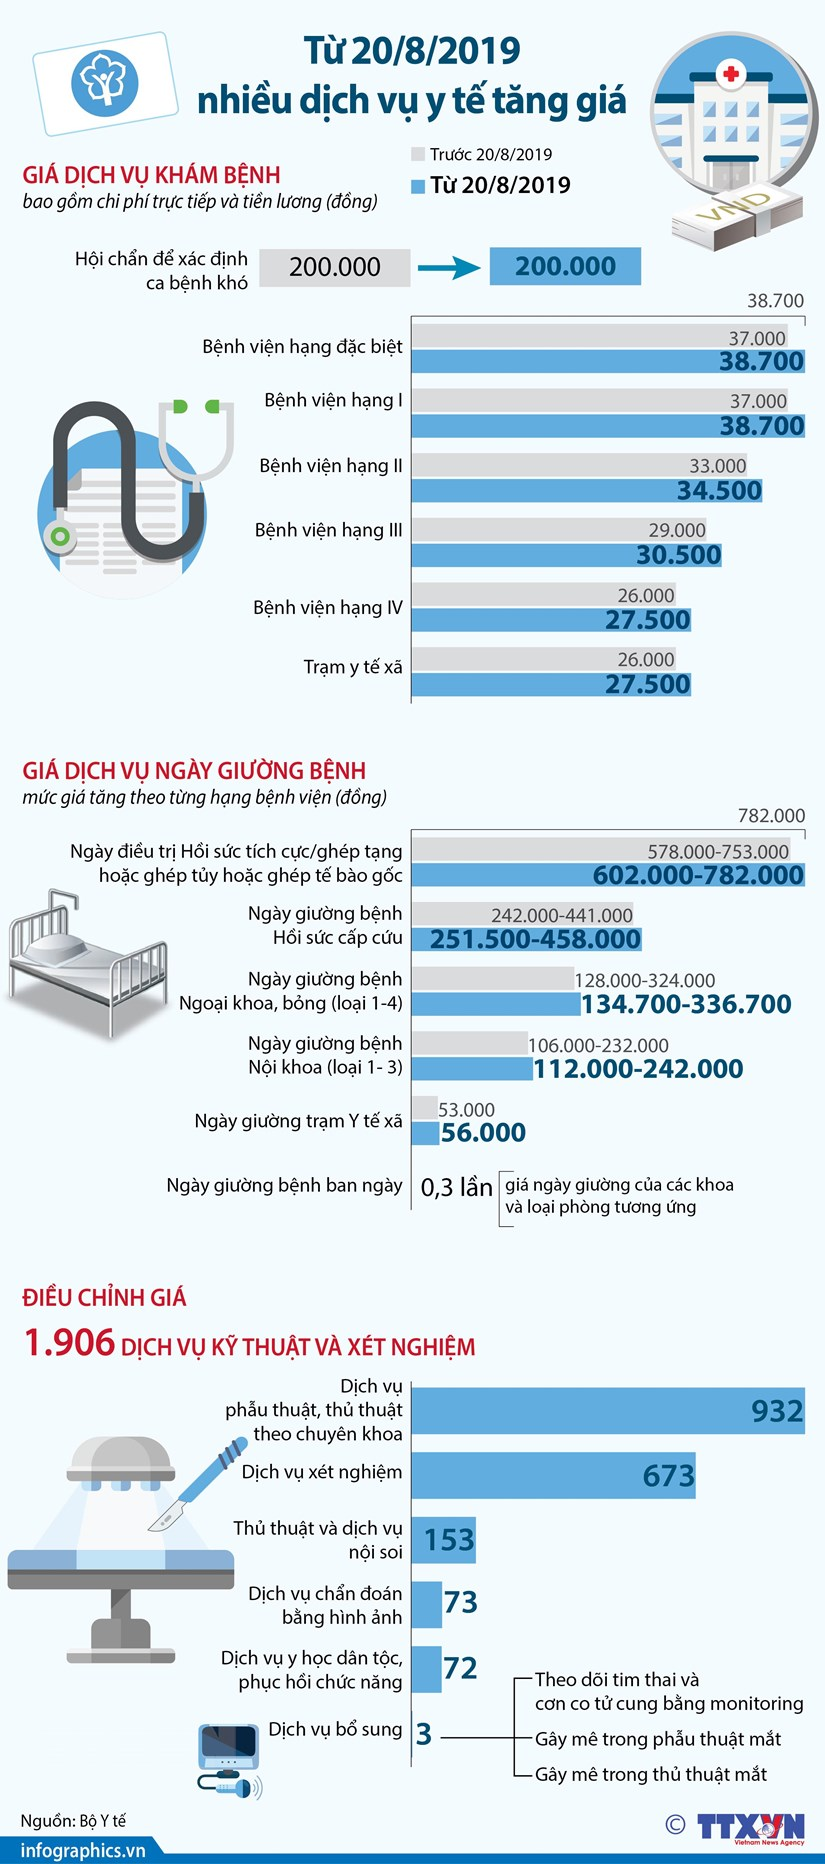 [Infographics] Nhiều dịch vụ y tế bắt đầu tăng giá từ ngày 20/8